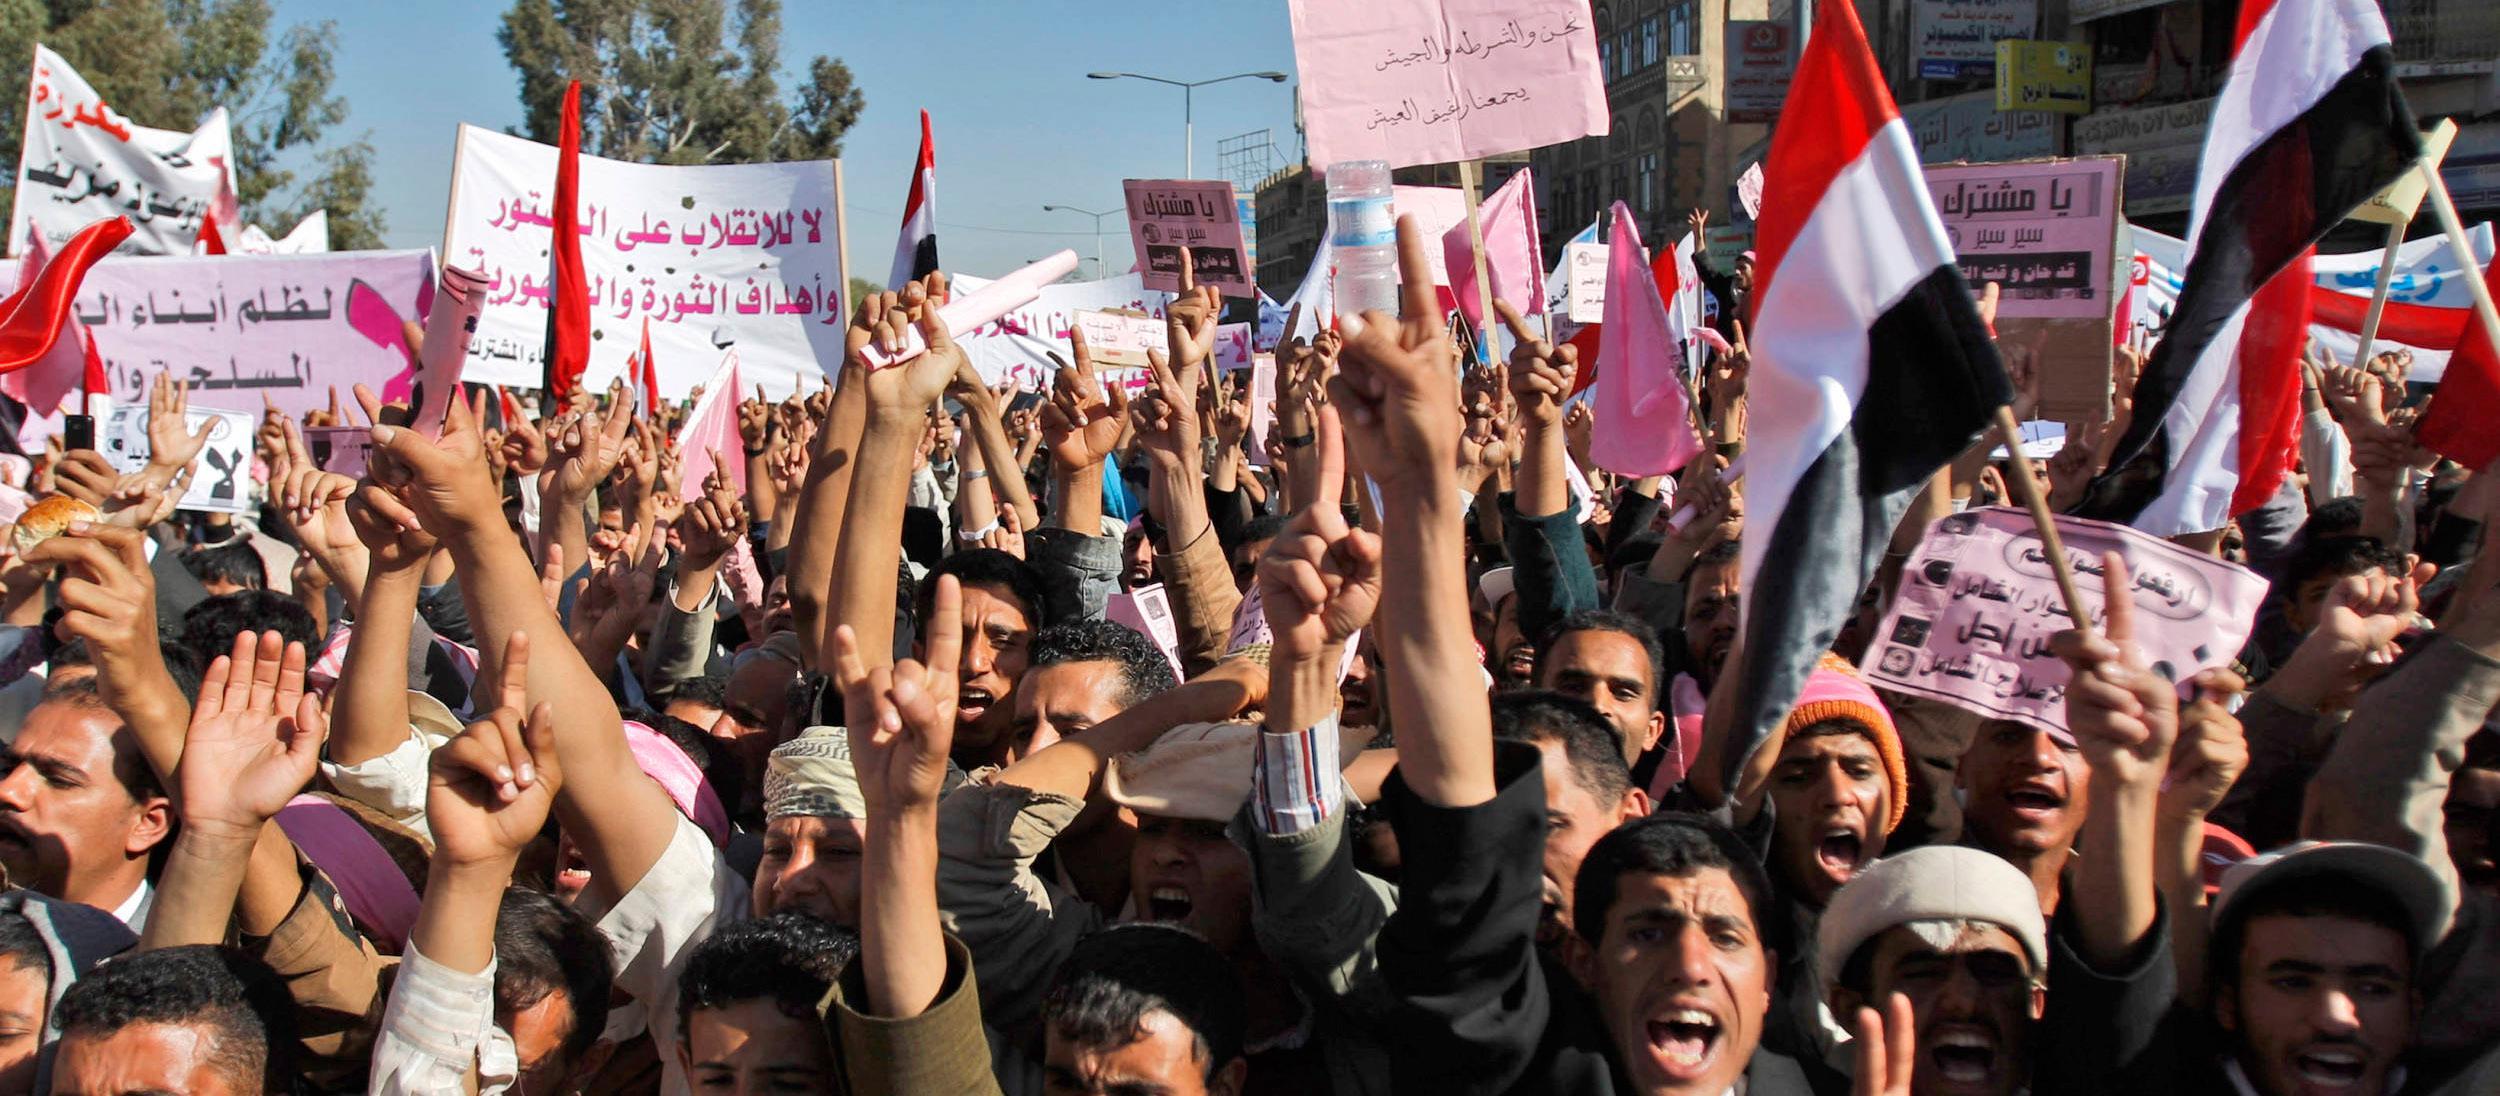 الانتفاضة الديمقراطية: نموذج لم يكتمل بعد (1)